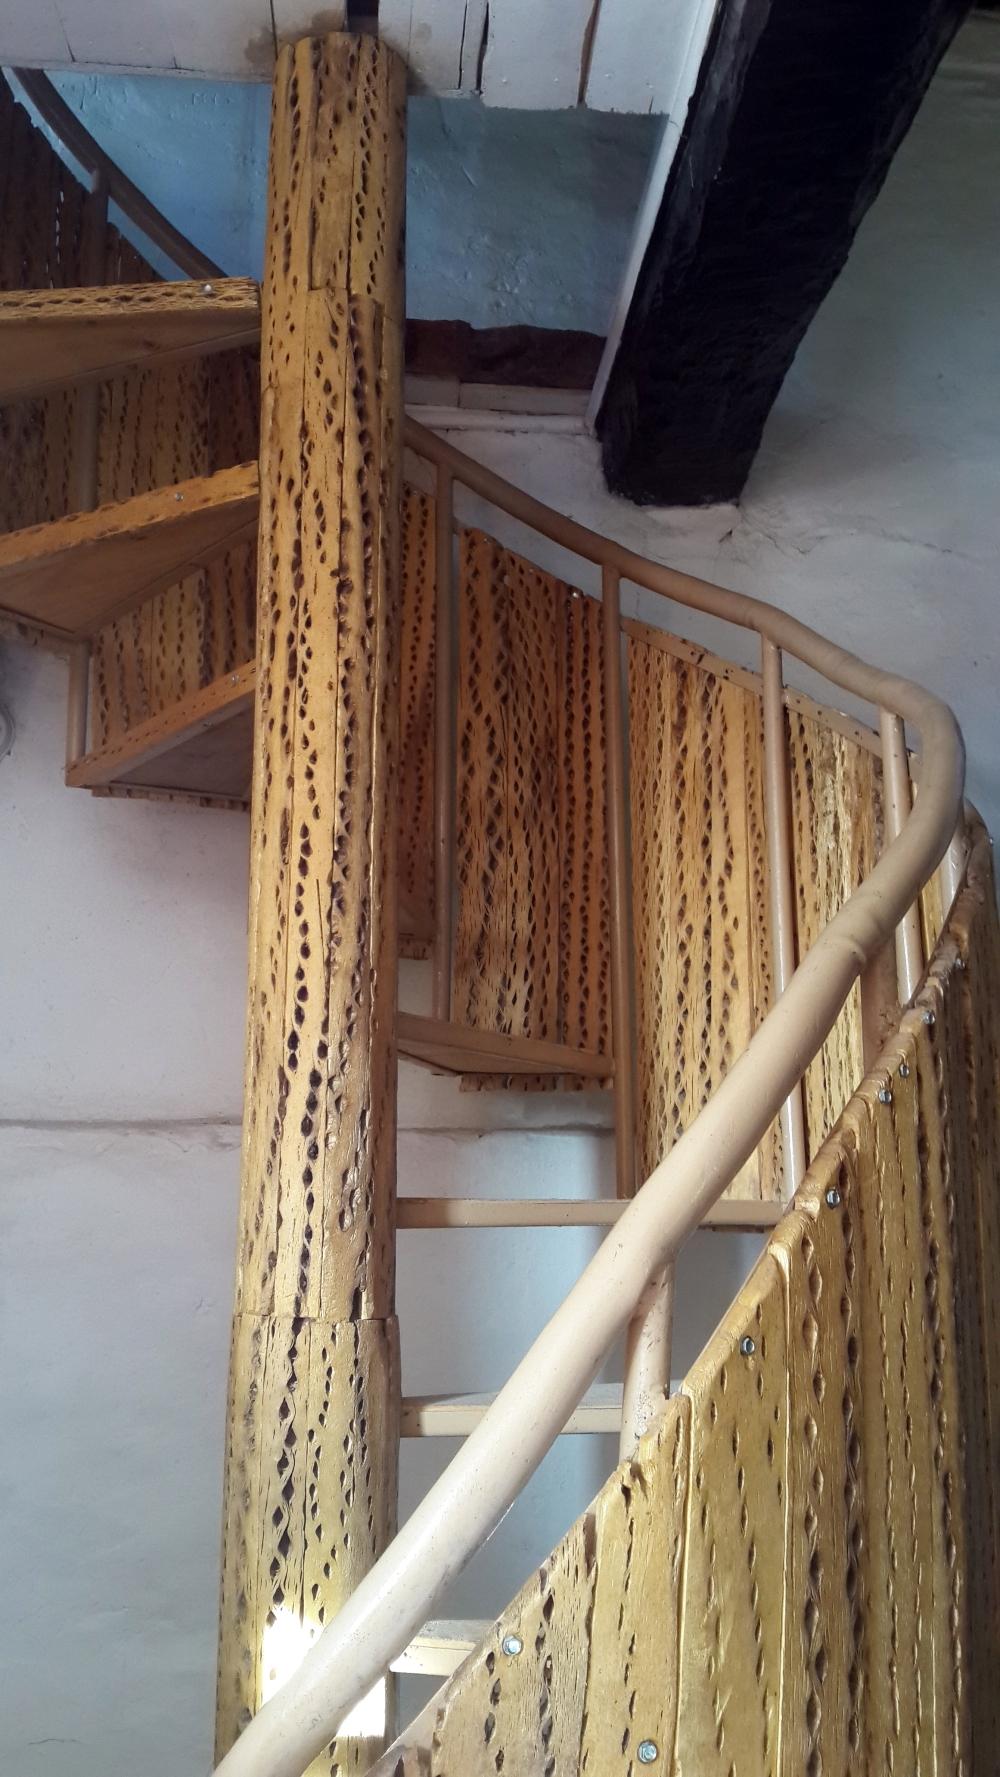 legno di cactus-chiesa-architettura cilena-Cile-America latina-honey moon